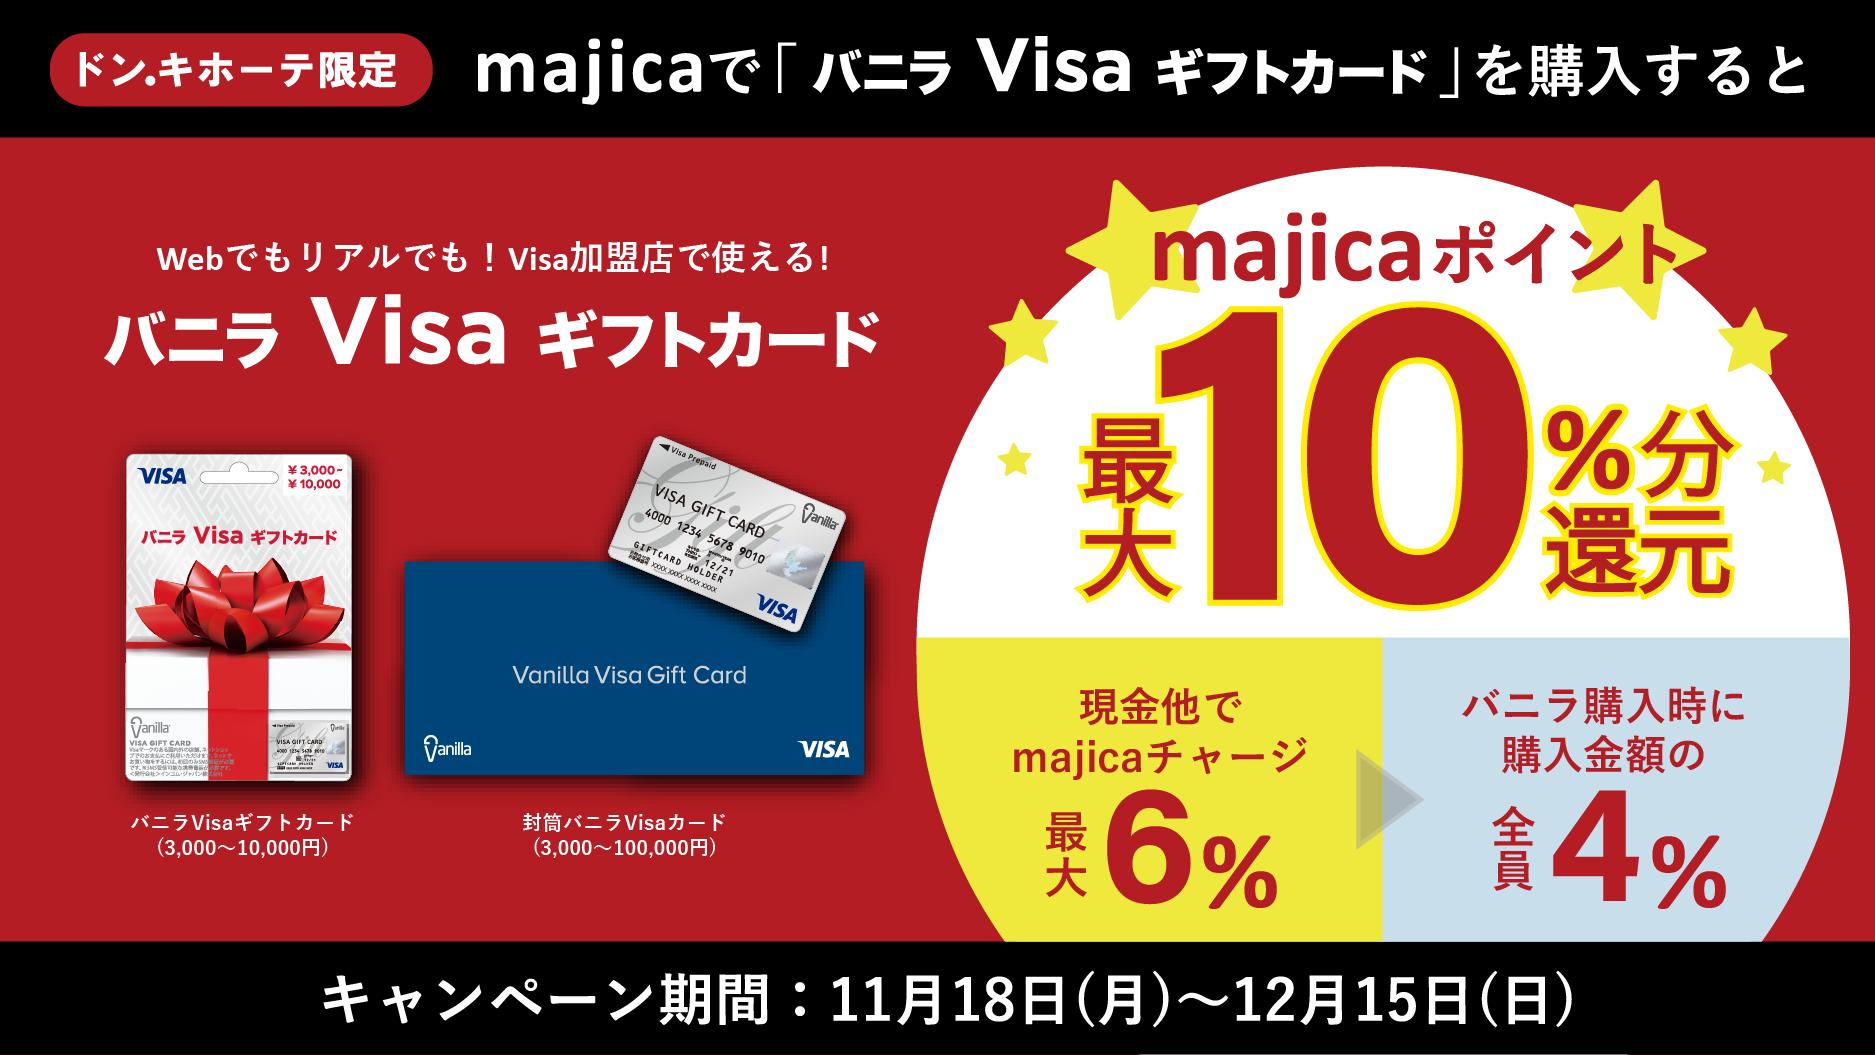 ドン・キホーテでmajicaでバニラVisaギフトカードを買うと最大10%majicaポイントがもらえる。クレジットカードチャージOK。~12/15。